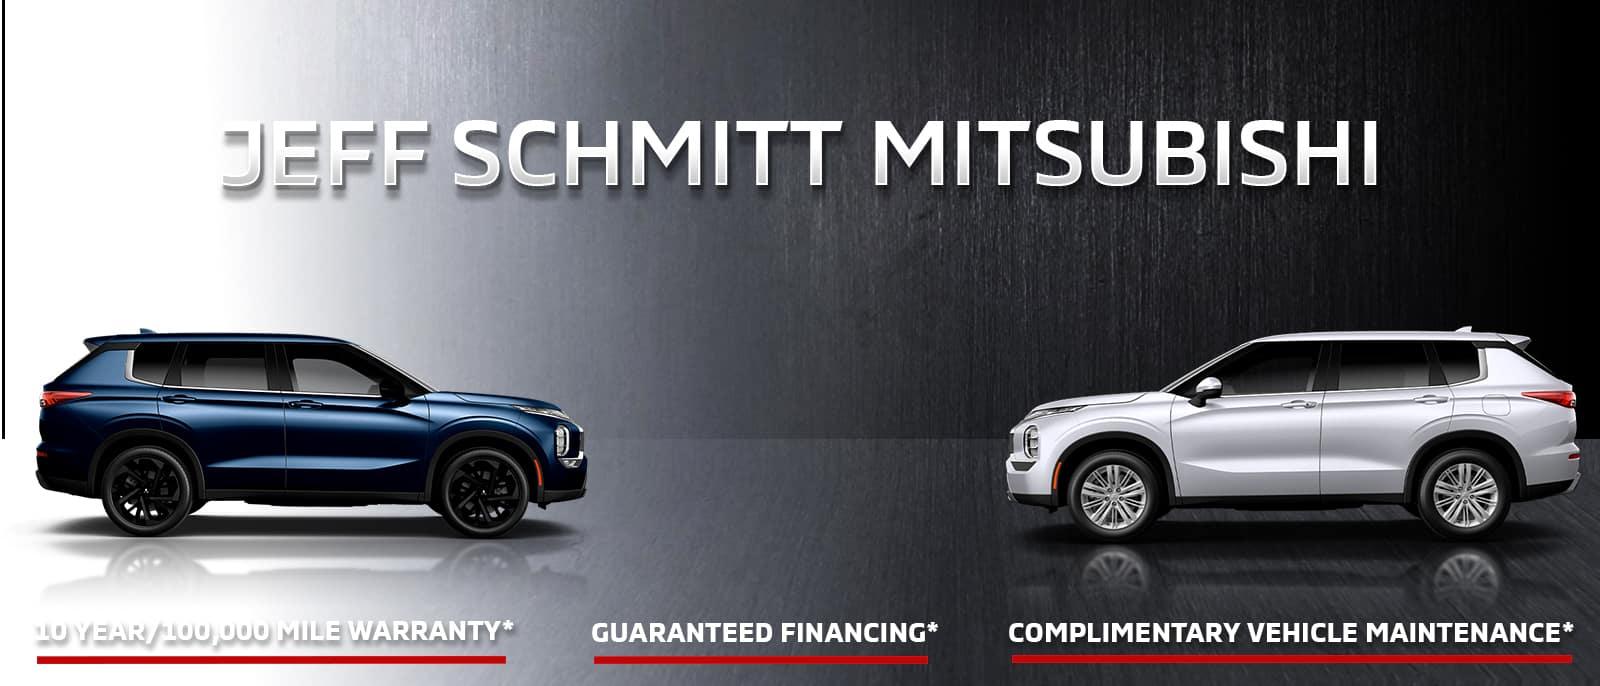 Welcome to Jeff Schmitt Mitsubishi